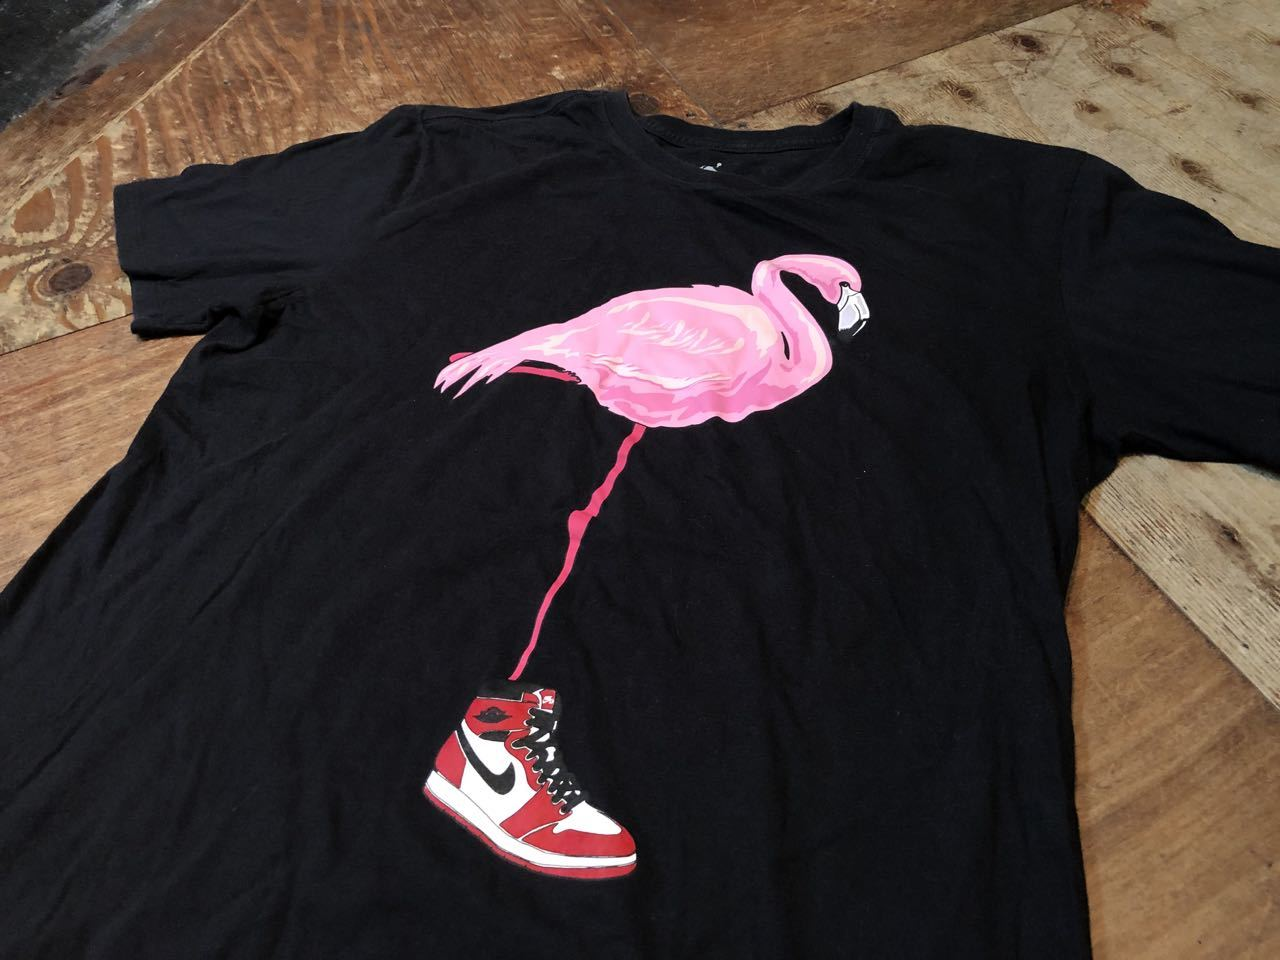 6月29日(月)入荷!NIKE JORDAN 1 ピンク フラミンゴ Tシャツ!_c0144020_13104279.jpg